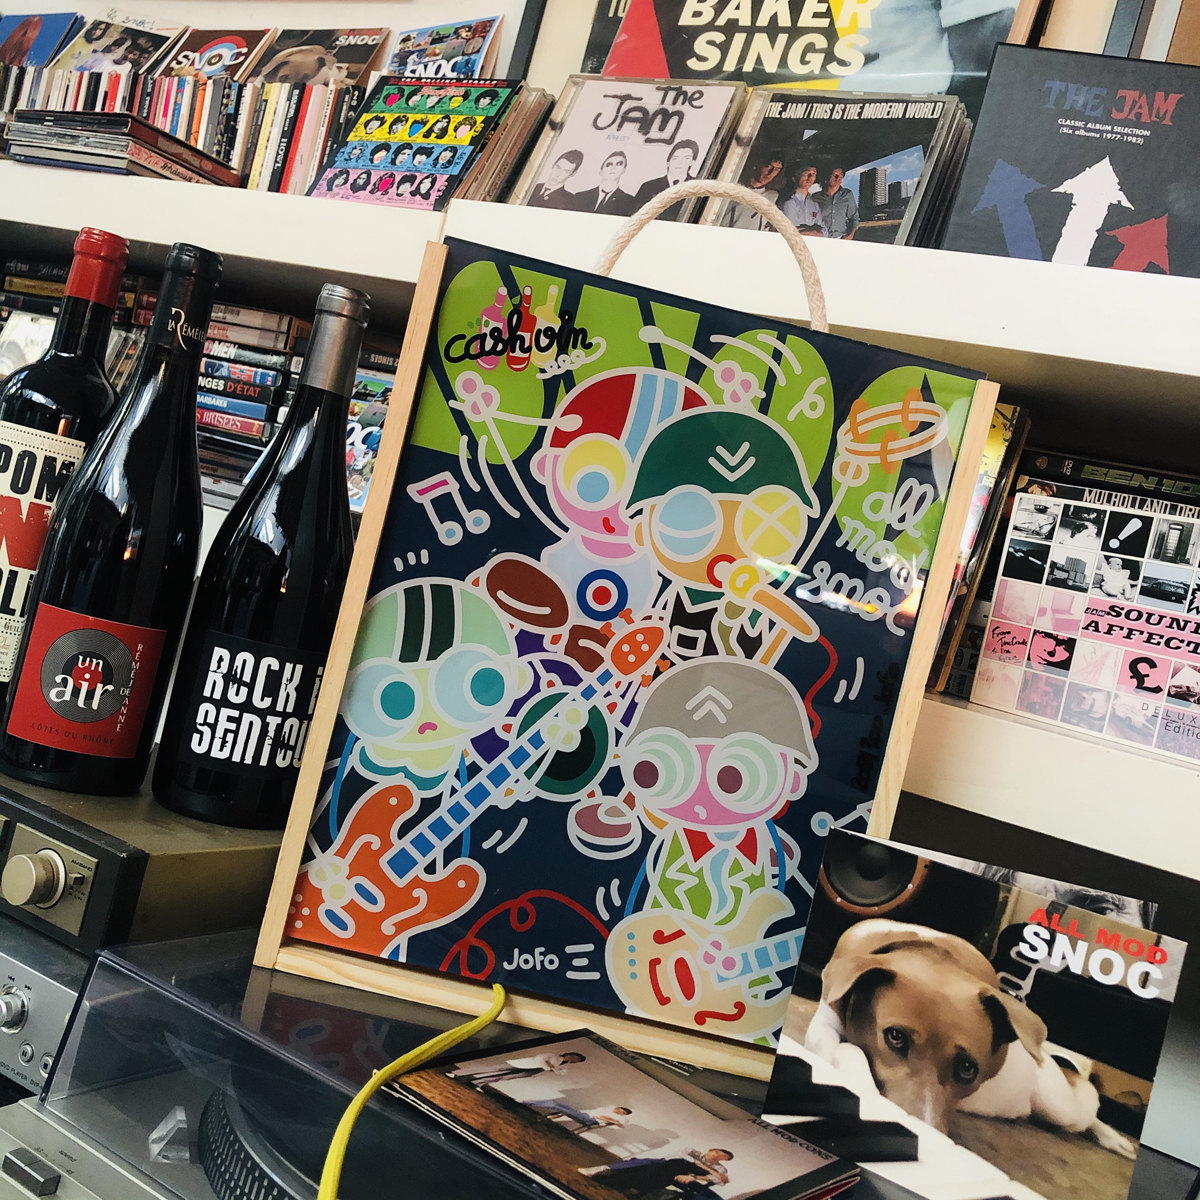 COFFRET JOFO édité par CASHVIN. Inclus le new CD des SNOC